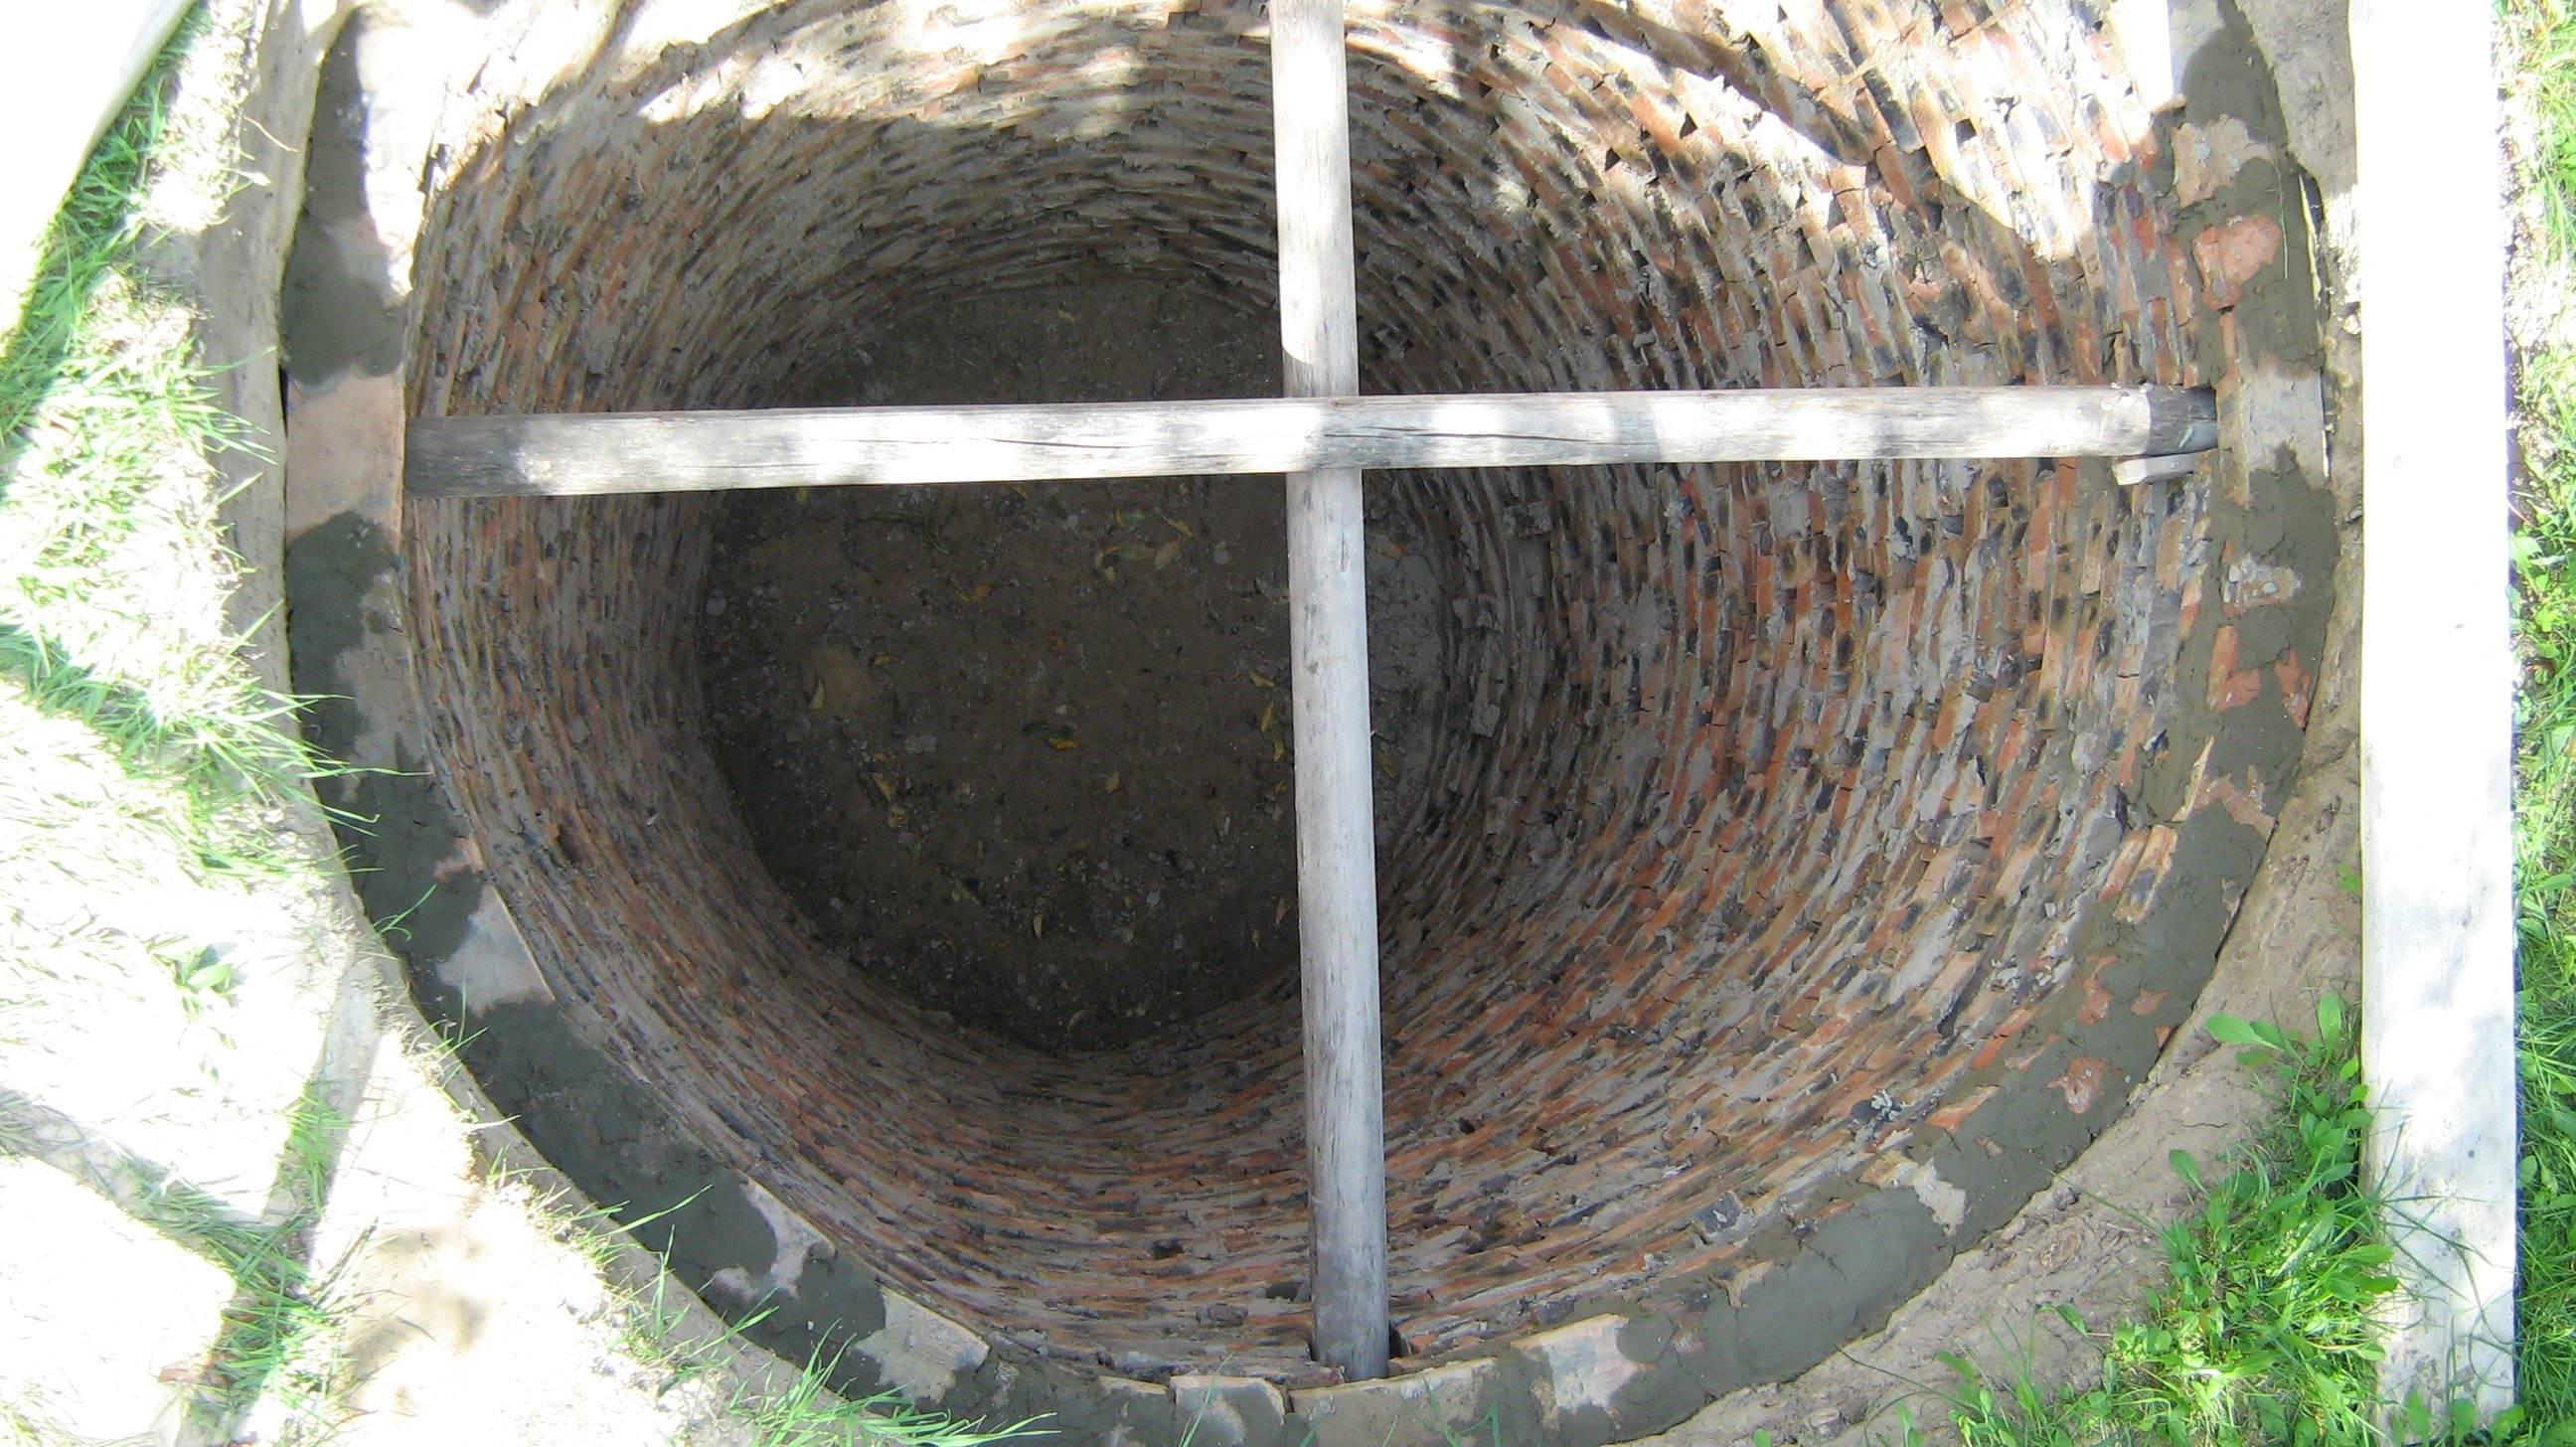 Сливная яма из покрышек своими руками — пошаговая инструкция по обустройству